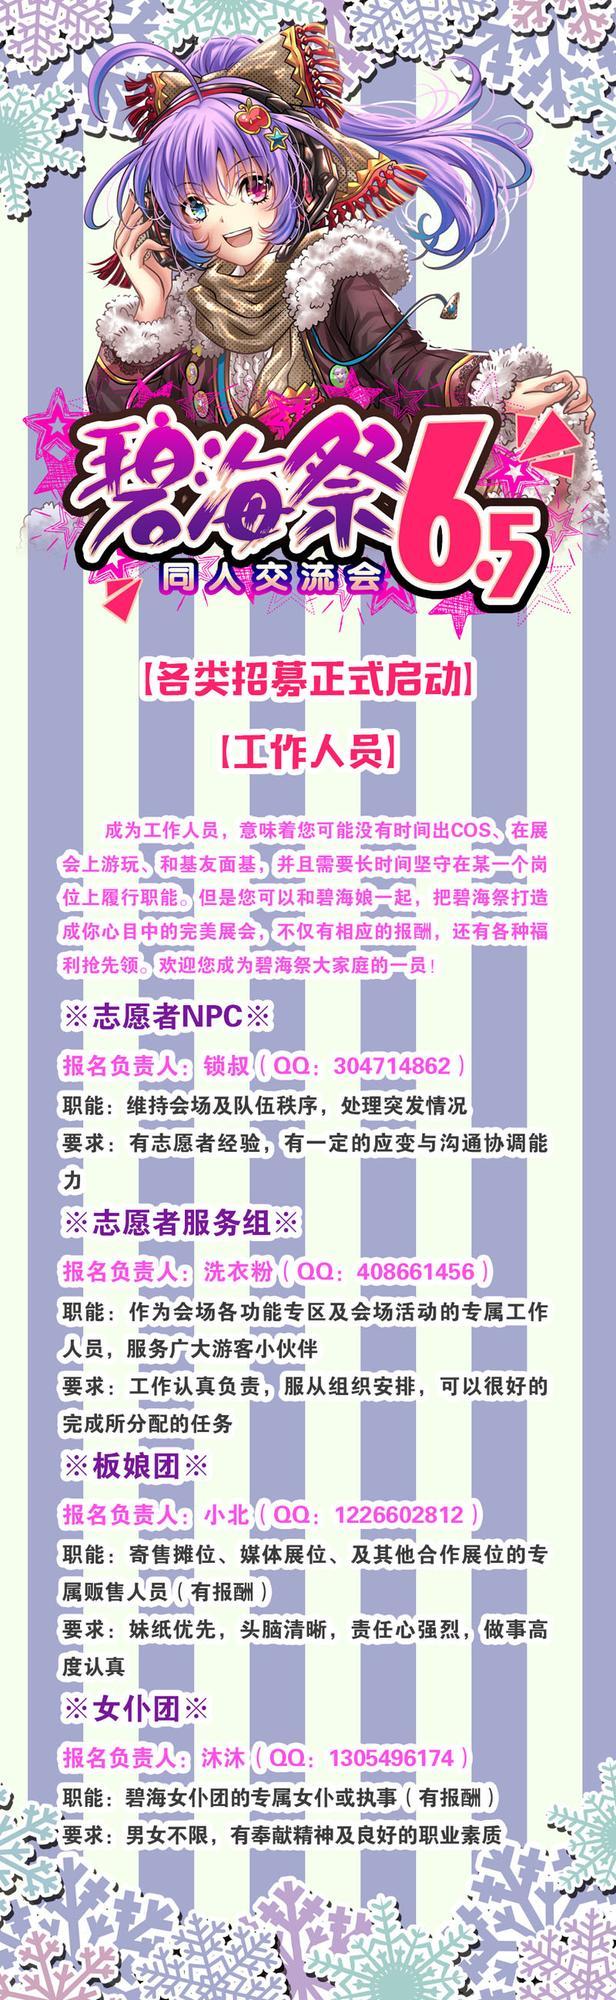 烟台碧海祭BSS6.5――缤纷新年季